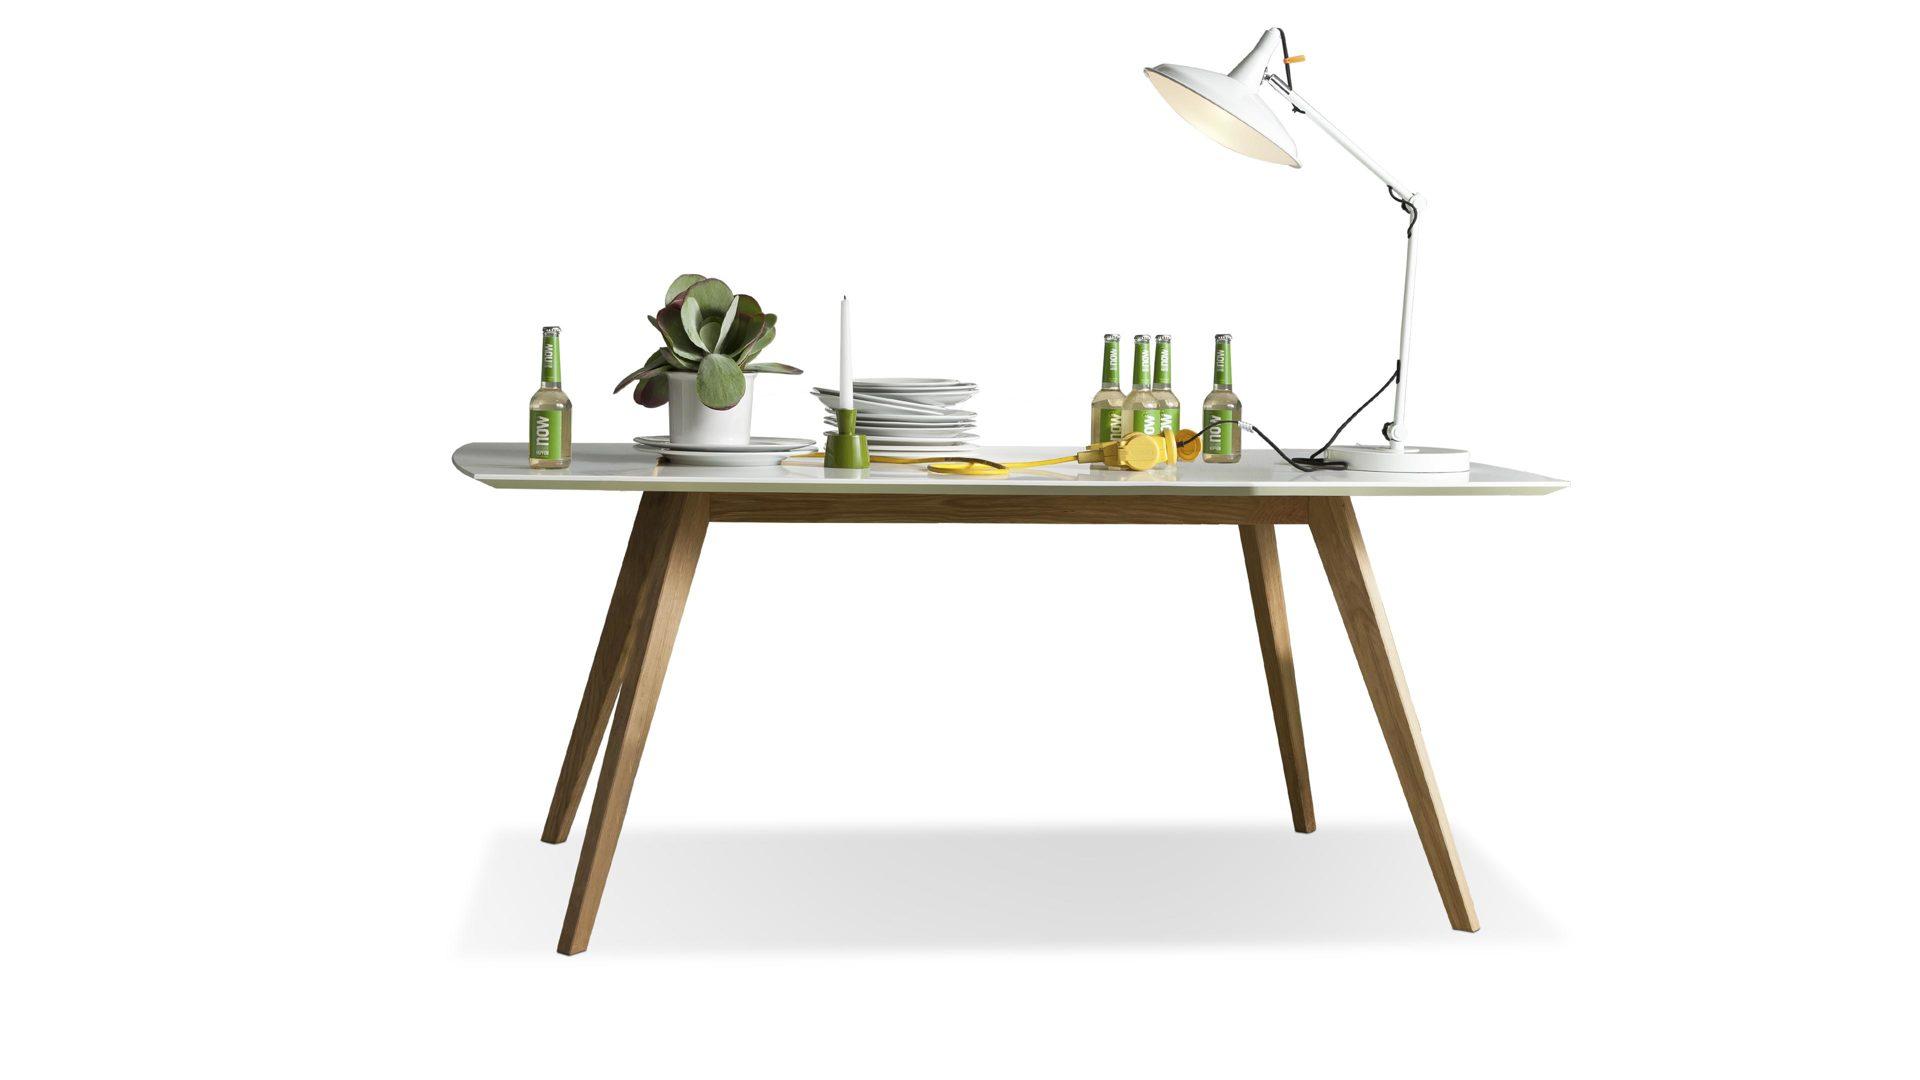 Tischplatte weiß matt  Esstisch bzw. Holztisch, mattweiße MDF-Tischplatte, Füße und Gestell ...